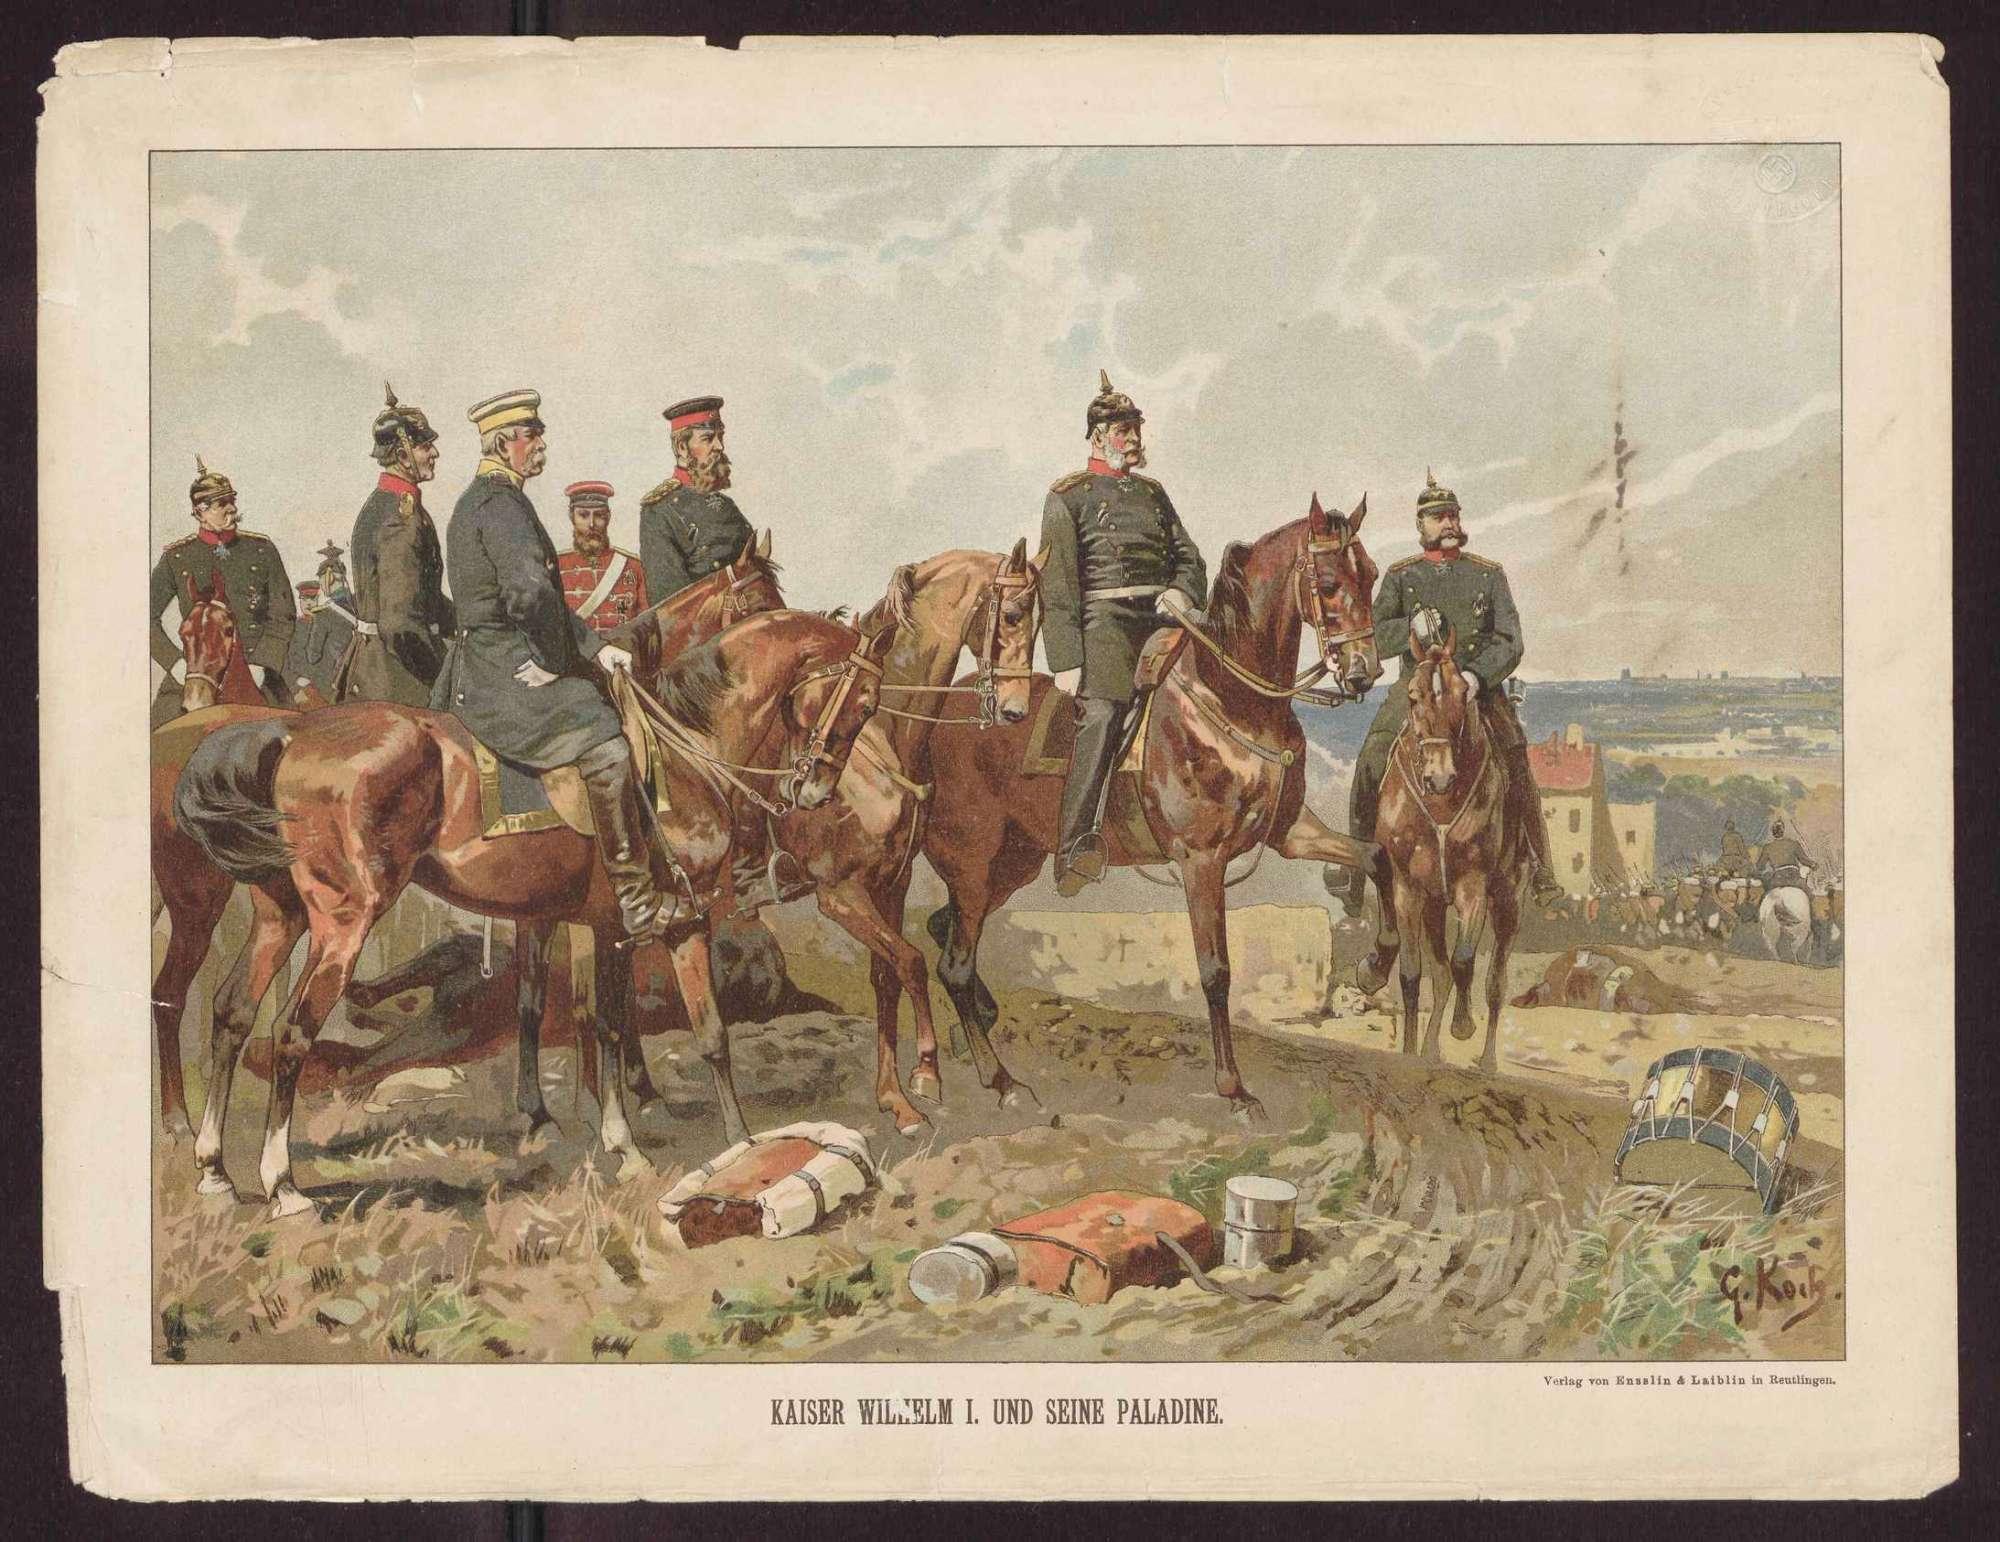 Neun Personen, Kaiser Wilhelm I., König von Preußen und seine Stabsoffiziere in Uniform auf dem Schlachtfeld, im Hintergrund Soldaten teils zu Pferd, teils marschierend, Bild 1